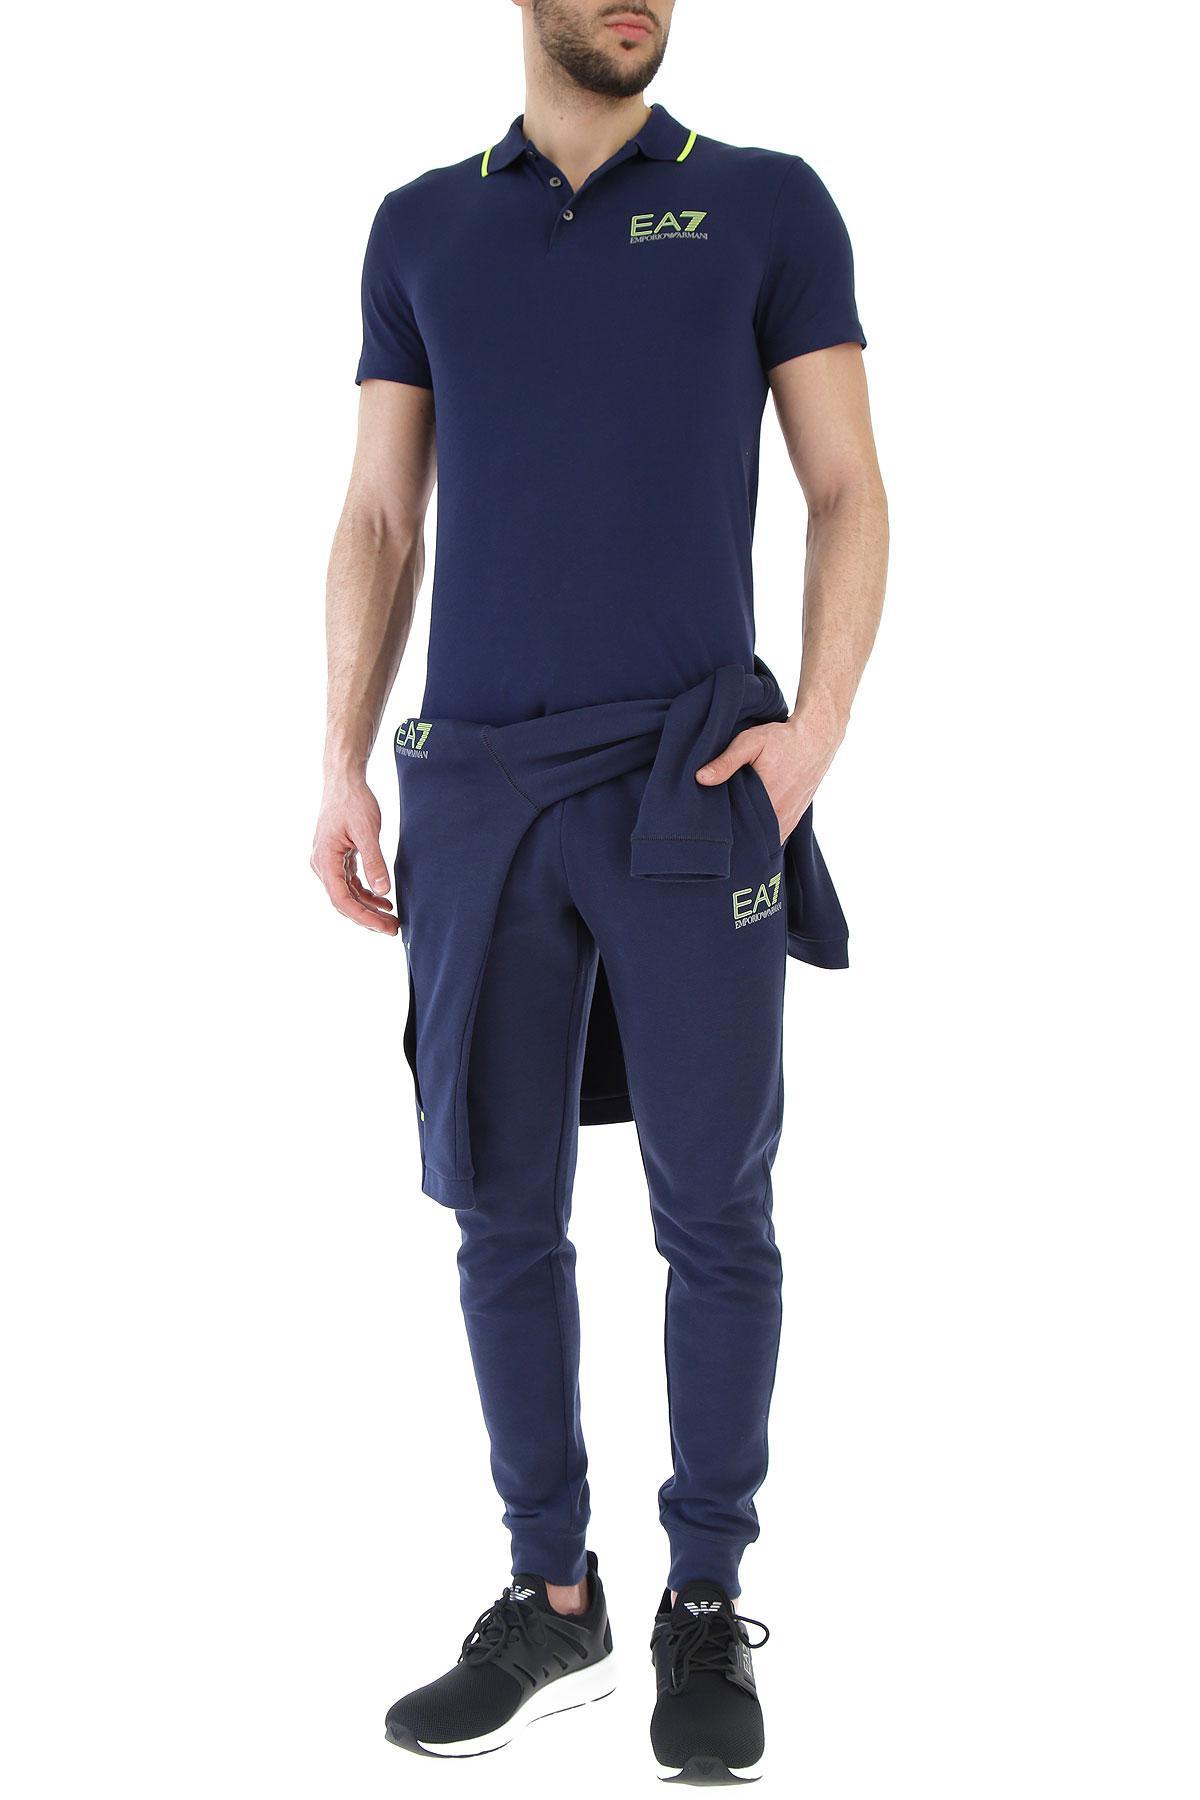 Heiß-Verkauf am neuesten neue Liste auf Lager Emporio Armani Polo Shirt Sale - Nils Stucki Kieferorthopäde